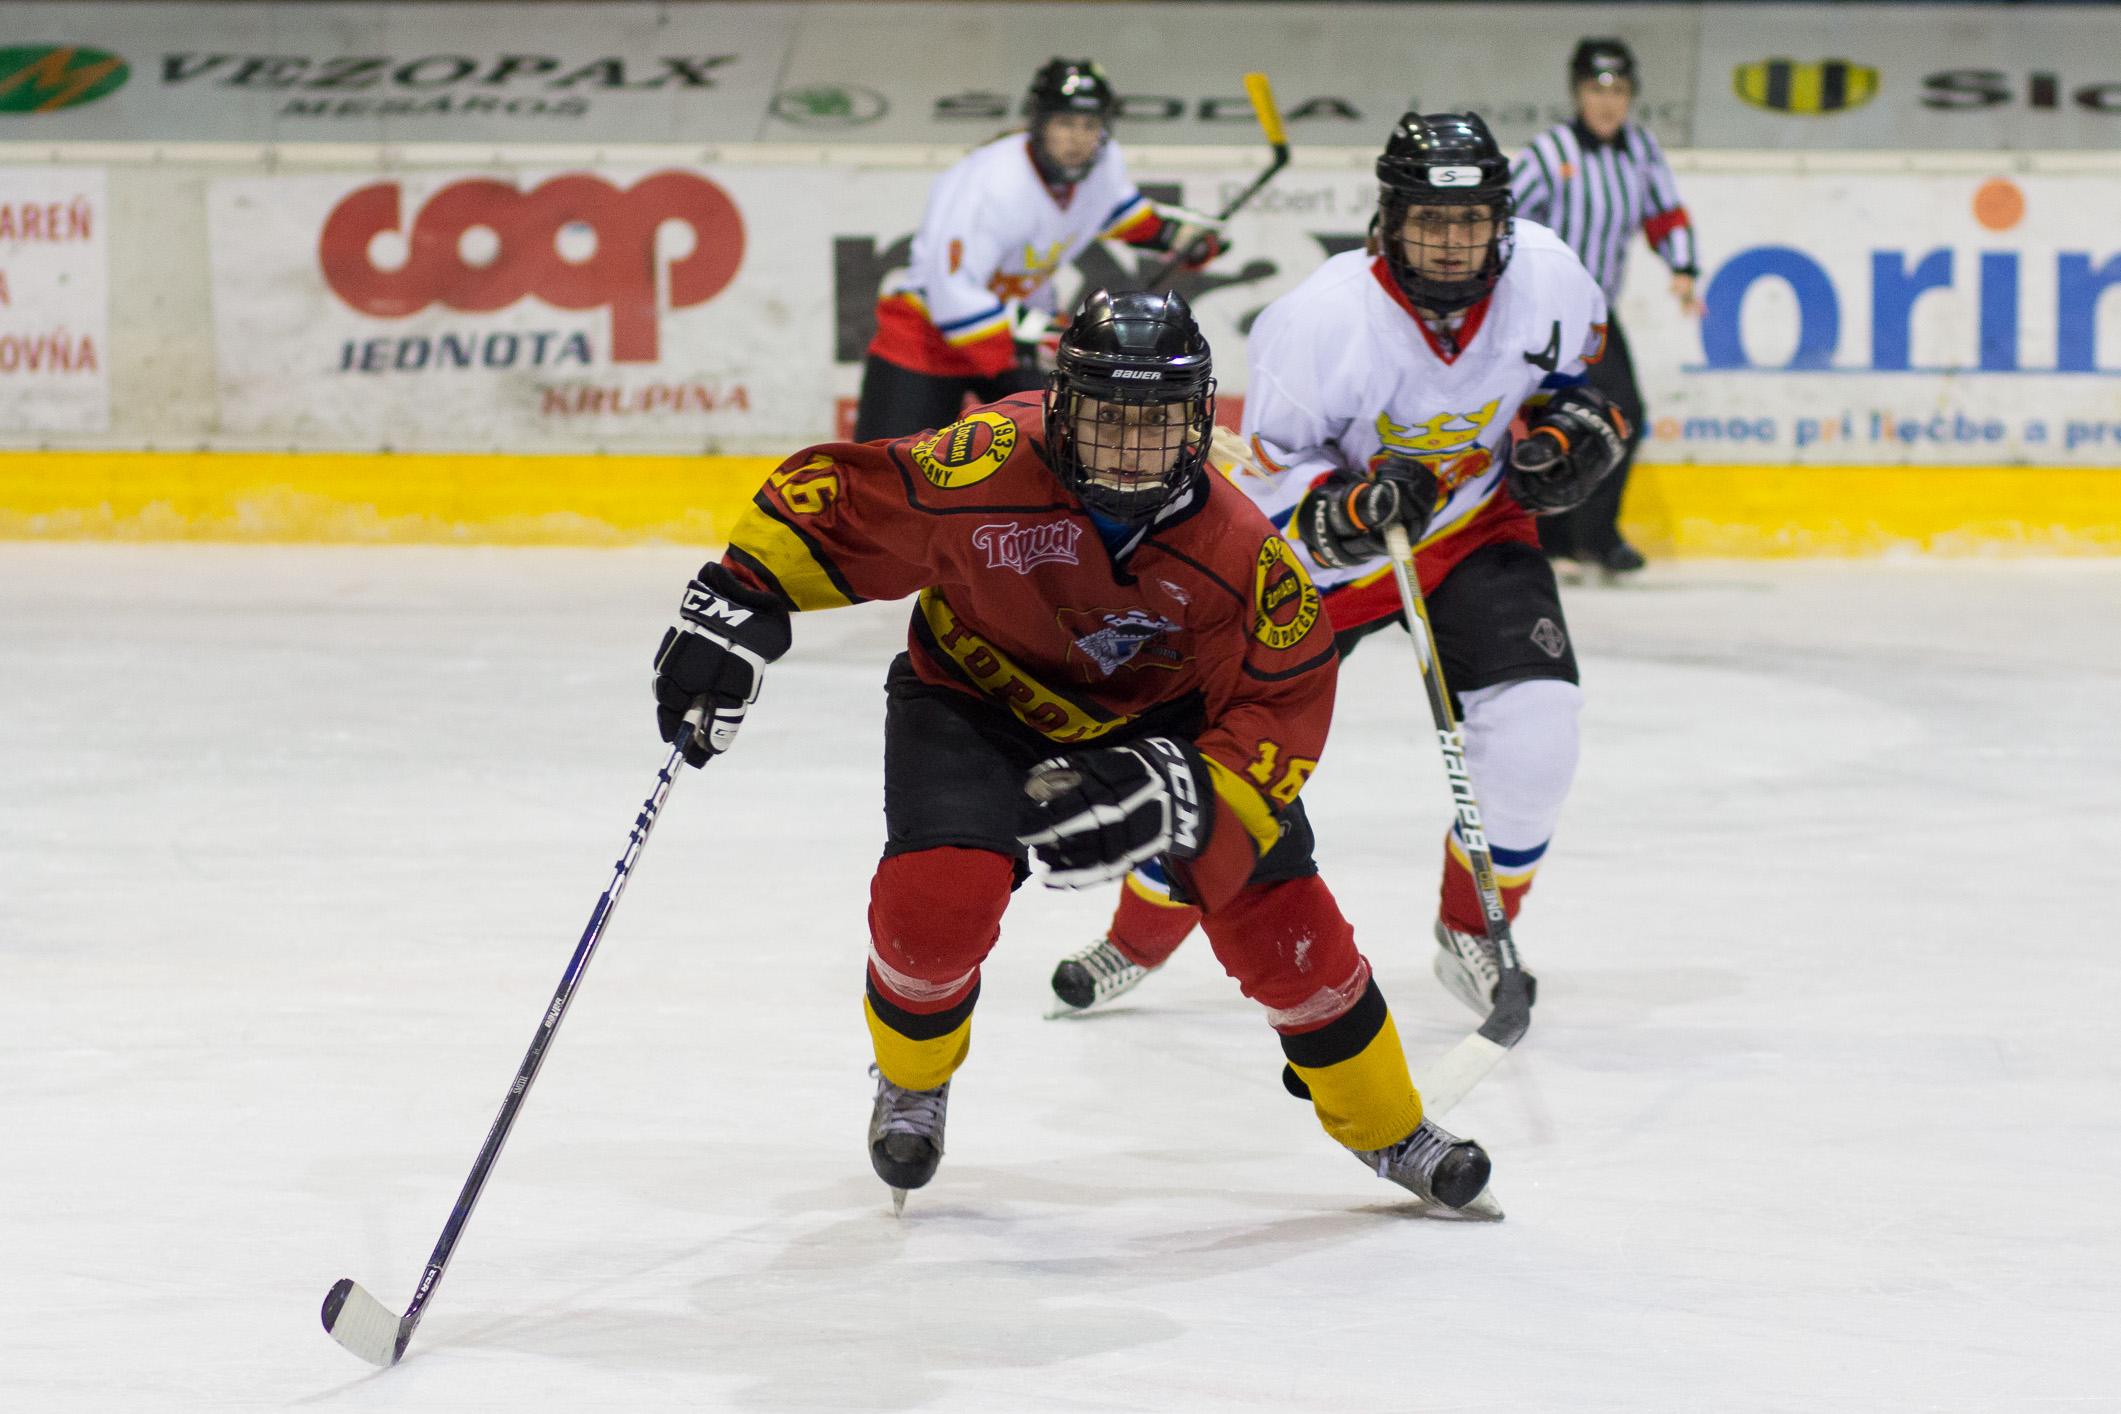 zhkm-zvolen-hc-topolcany-2013-hokej-22